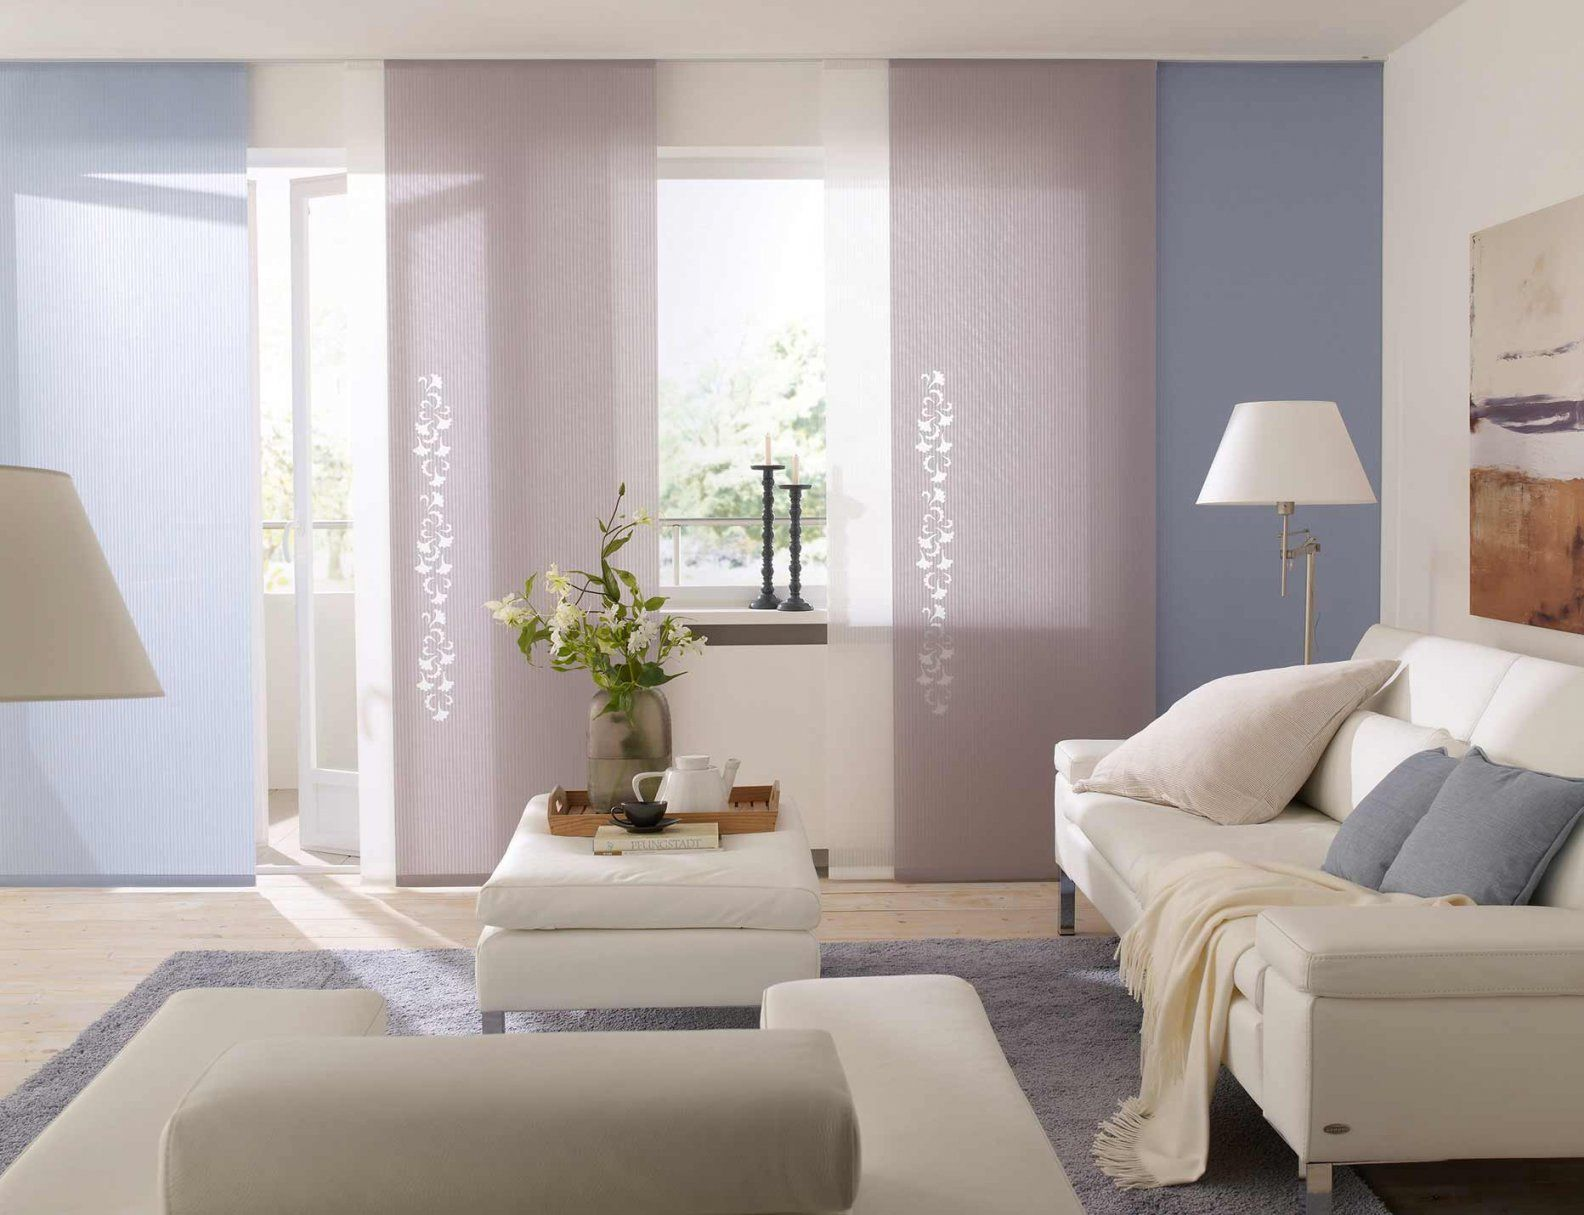 Wohnliche Atmosphäre Dank Gardine Und Co  Wohnen von Fenster Gestalten Ohne Gardinen Bild